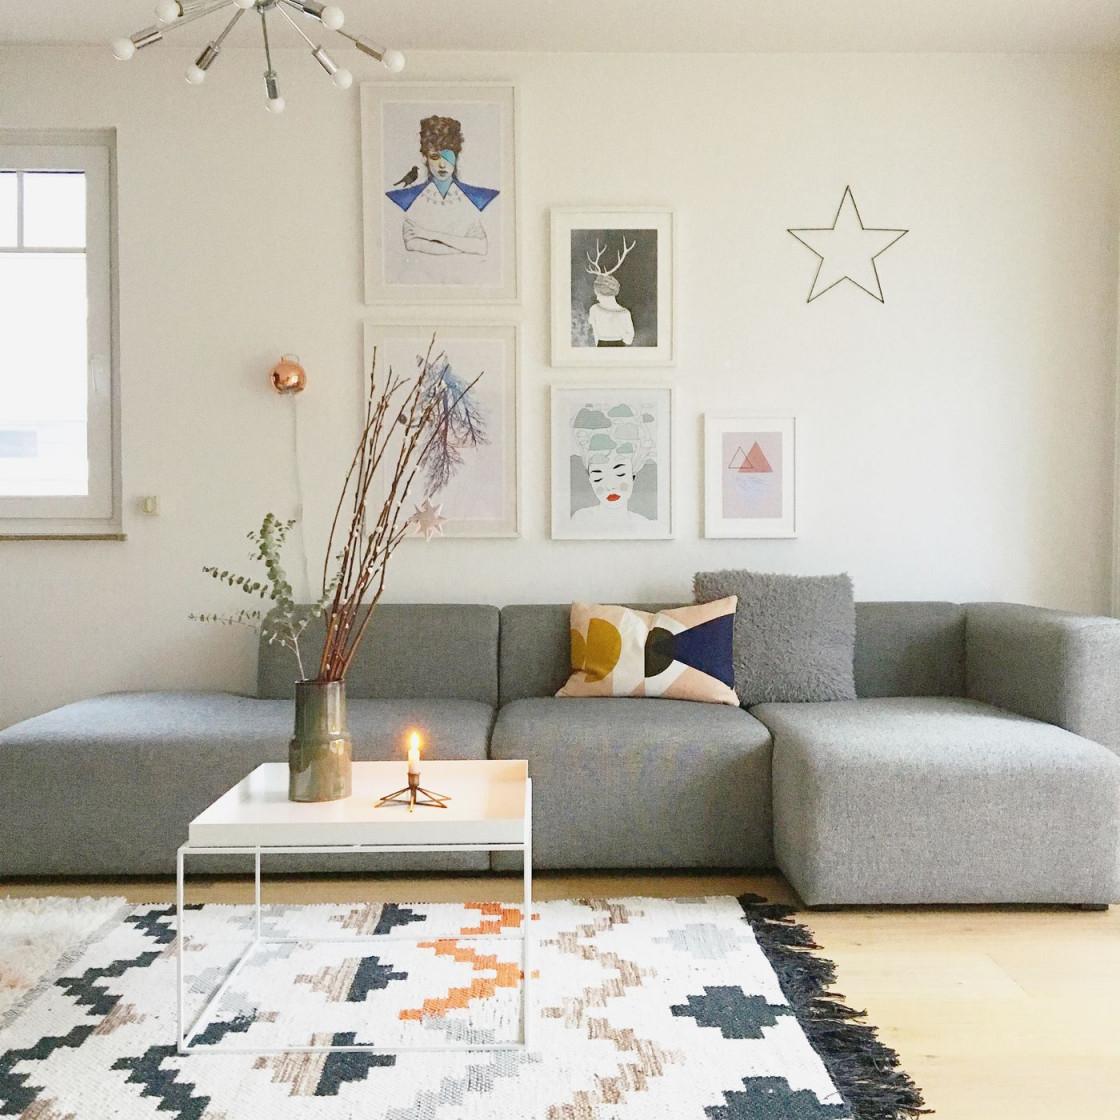 Die Besten Ideen Für Die Wandgestaltung Im Wohnzimmer von Ideen Wandgestaltung Wohnzimmer Bild